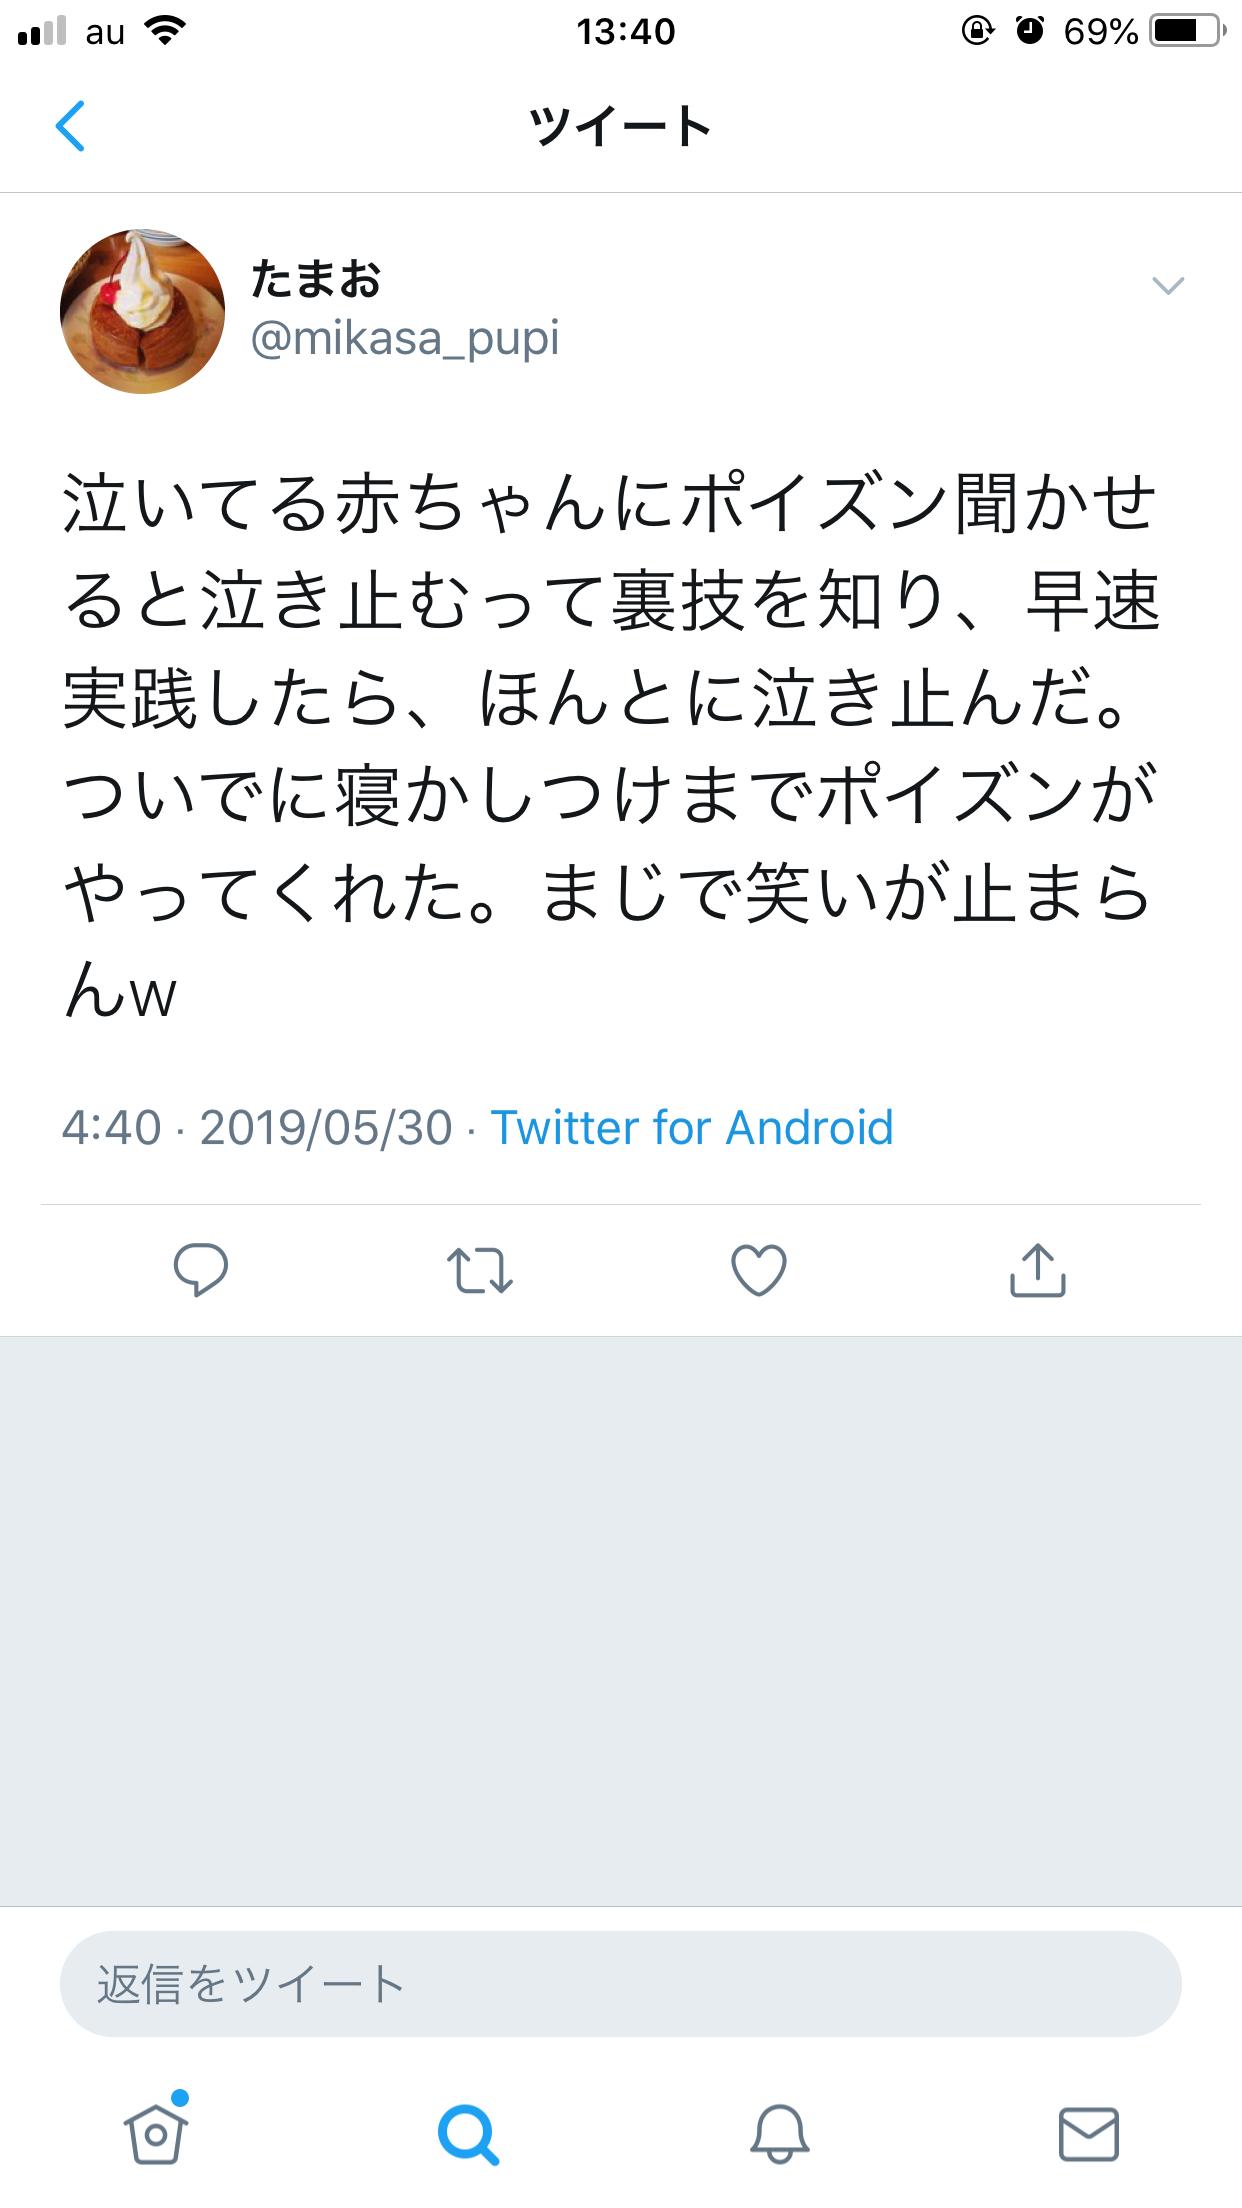 反町 隆史 ポイズン 赤ちゃん 泣き 止む